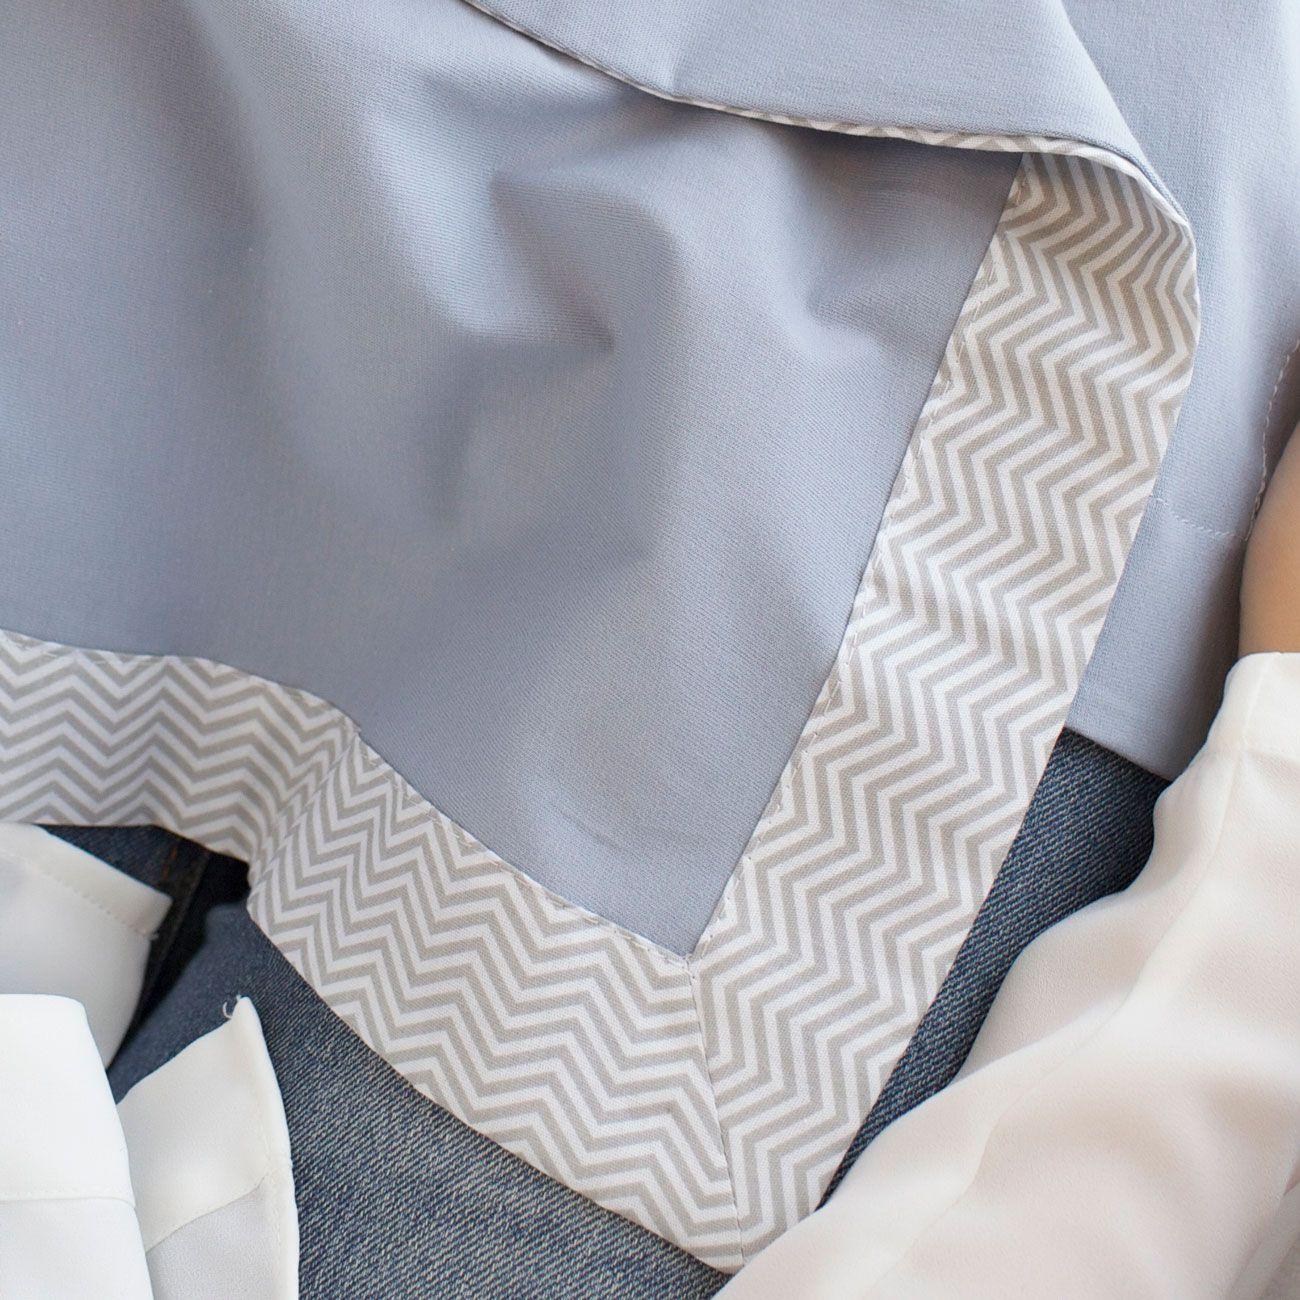 Cueiro e Vira Manta para Bebê Malha Cinza com Barrado Tricoline Chevron Cinza e Branco